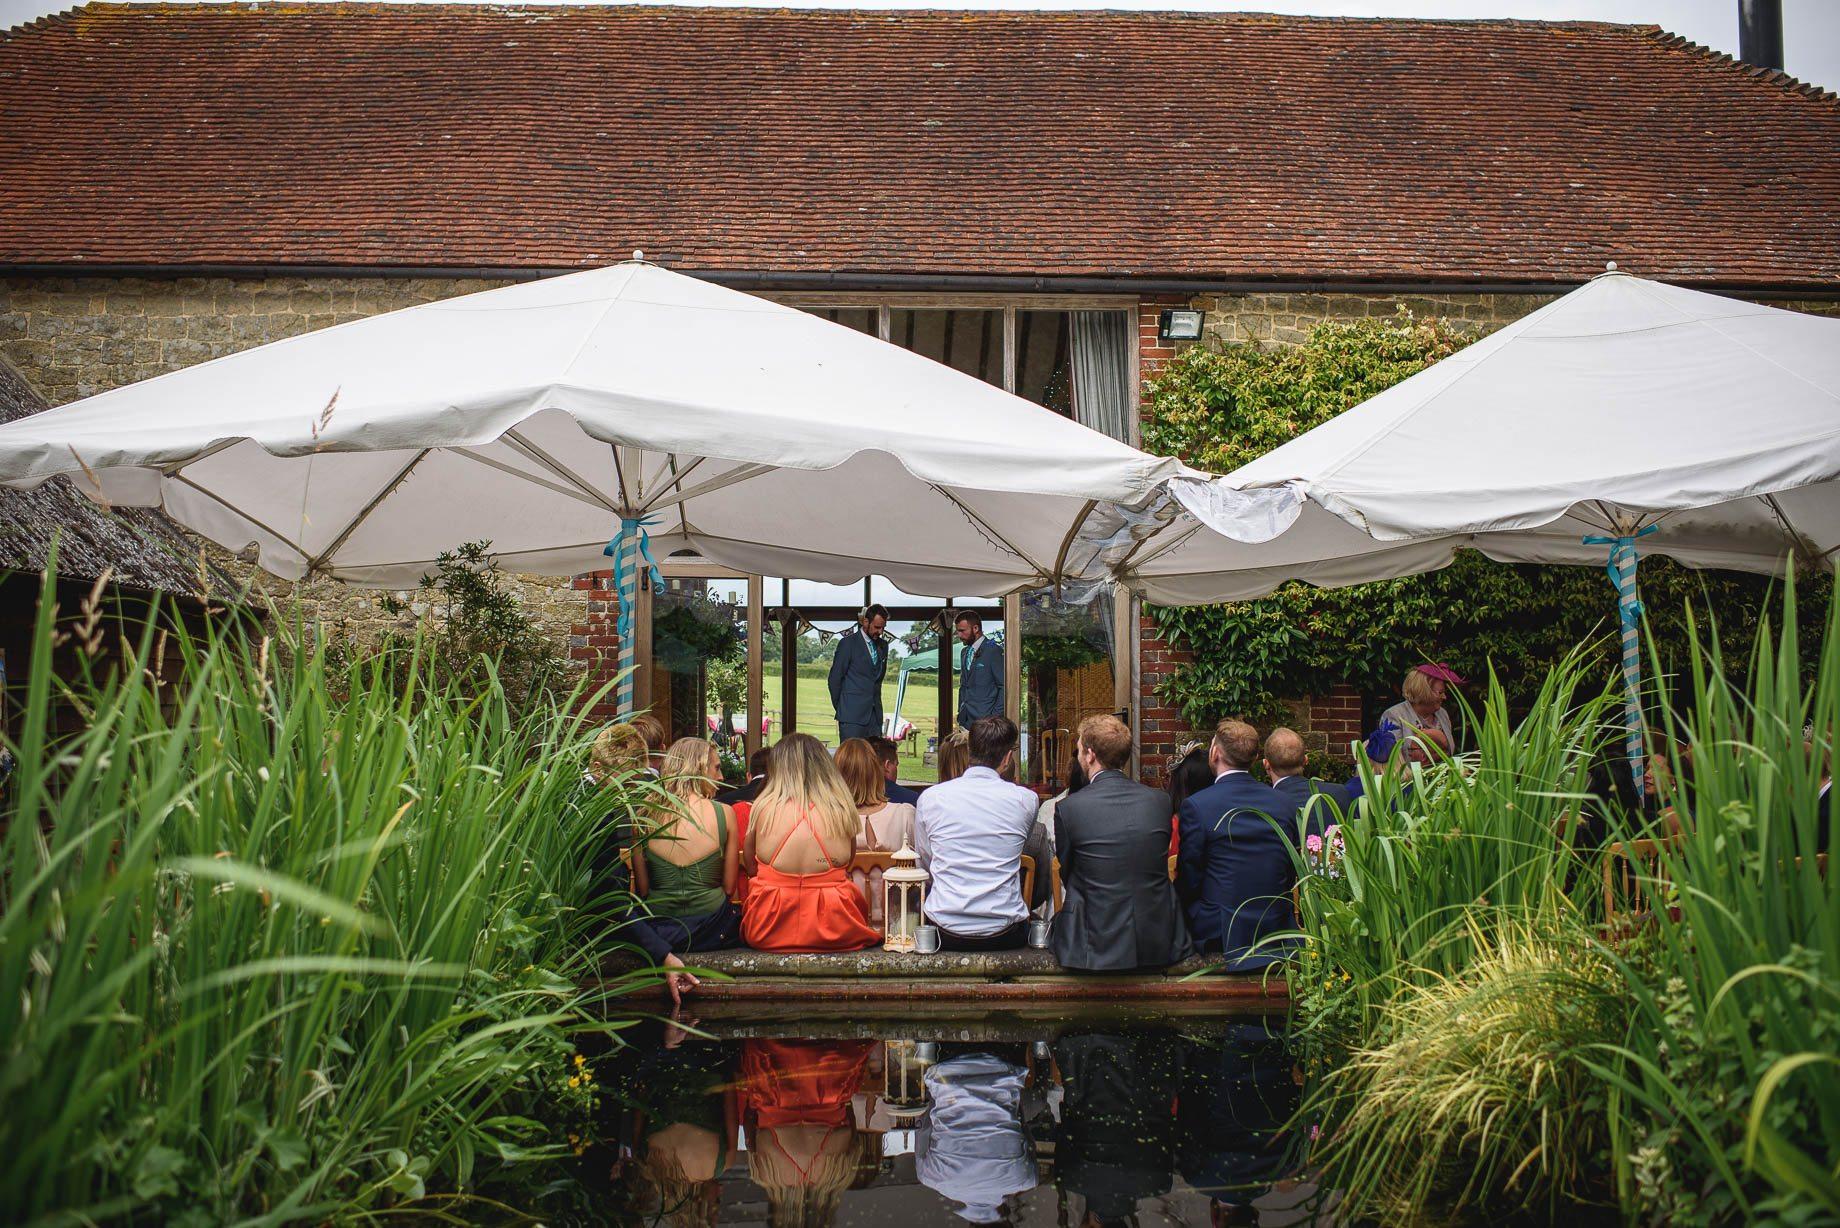 Bartholomew Barns wedding photography - Louise and Spencer (34 of 151)